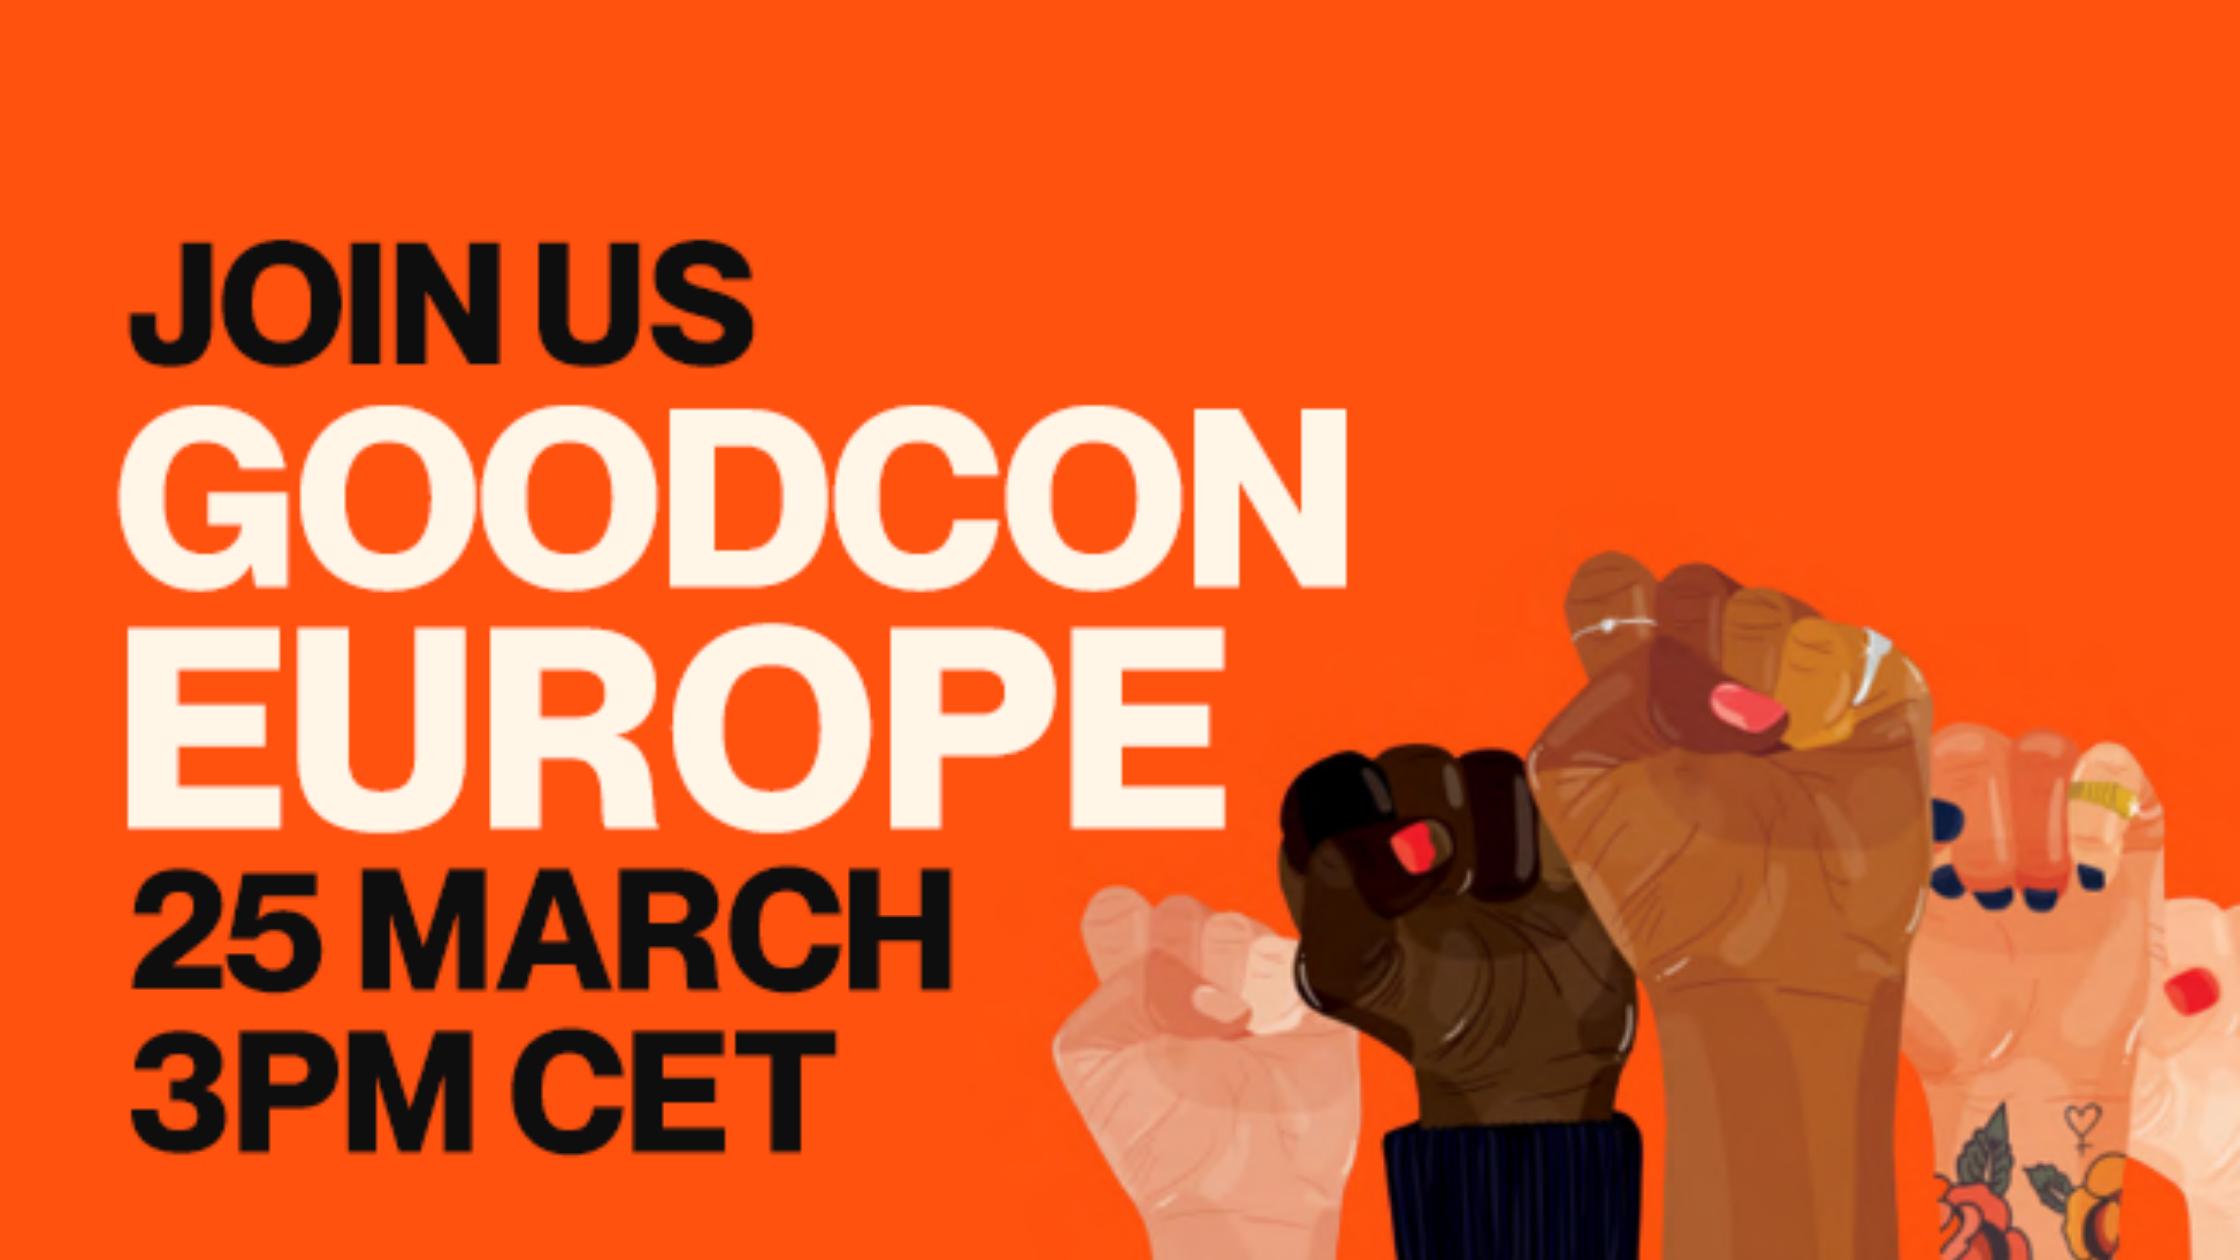 GoodCon Europe